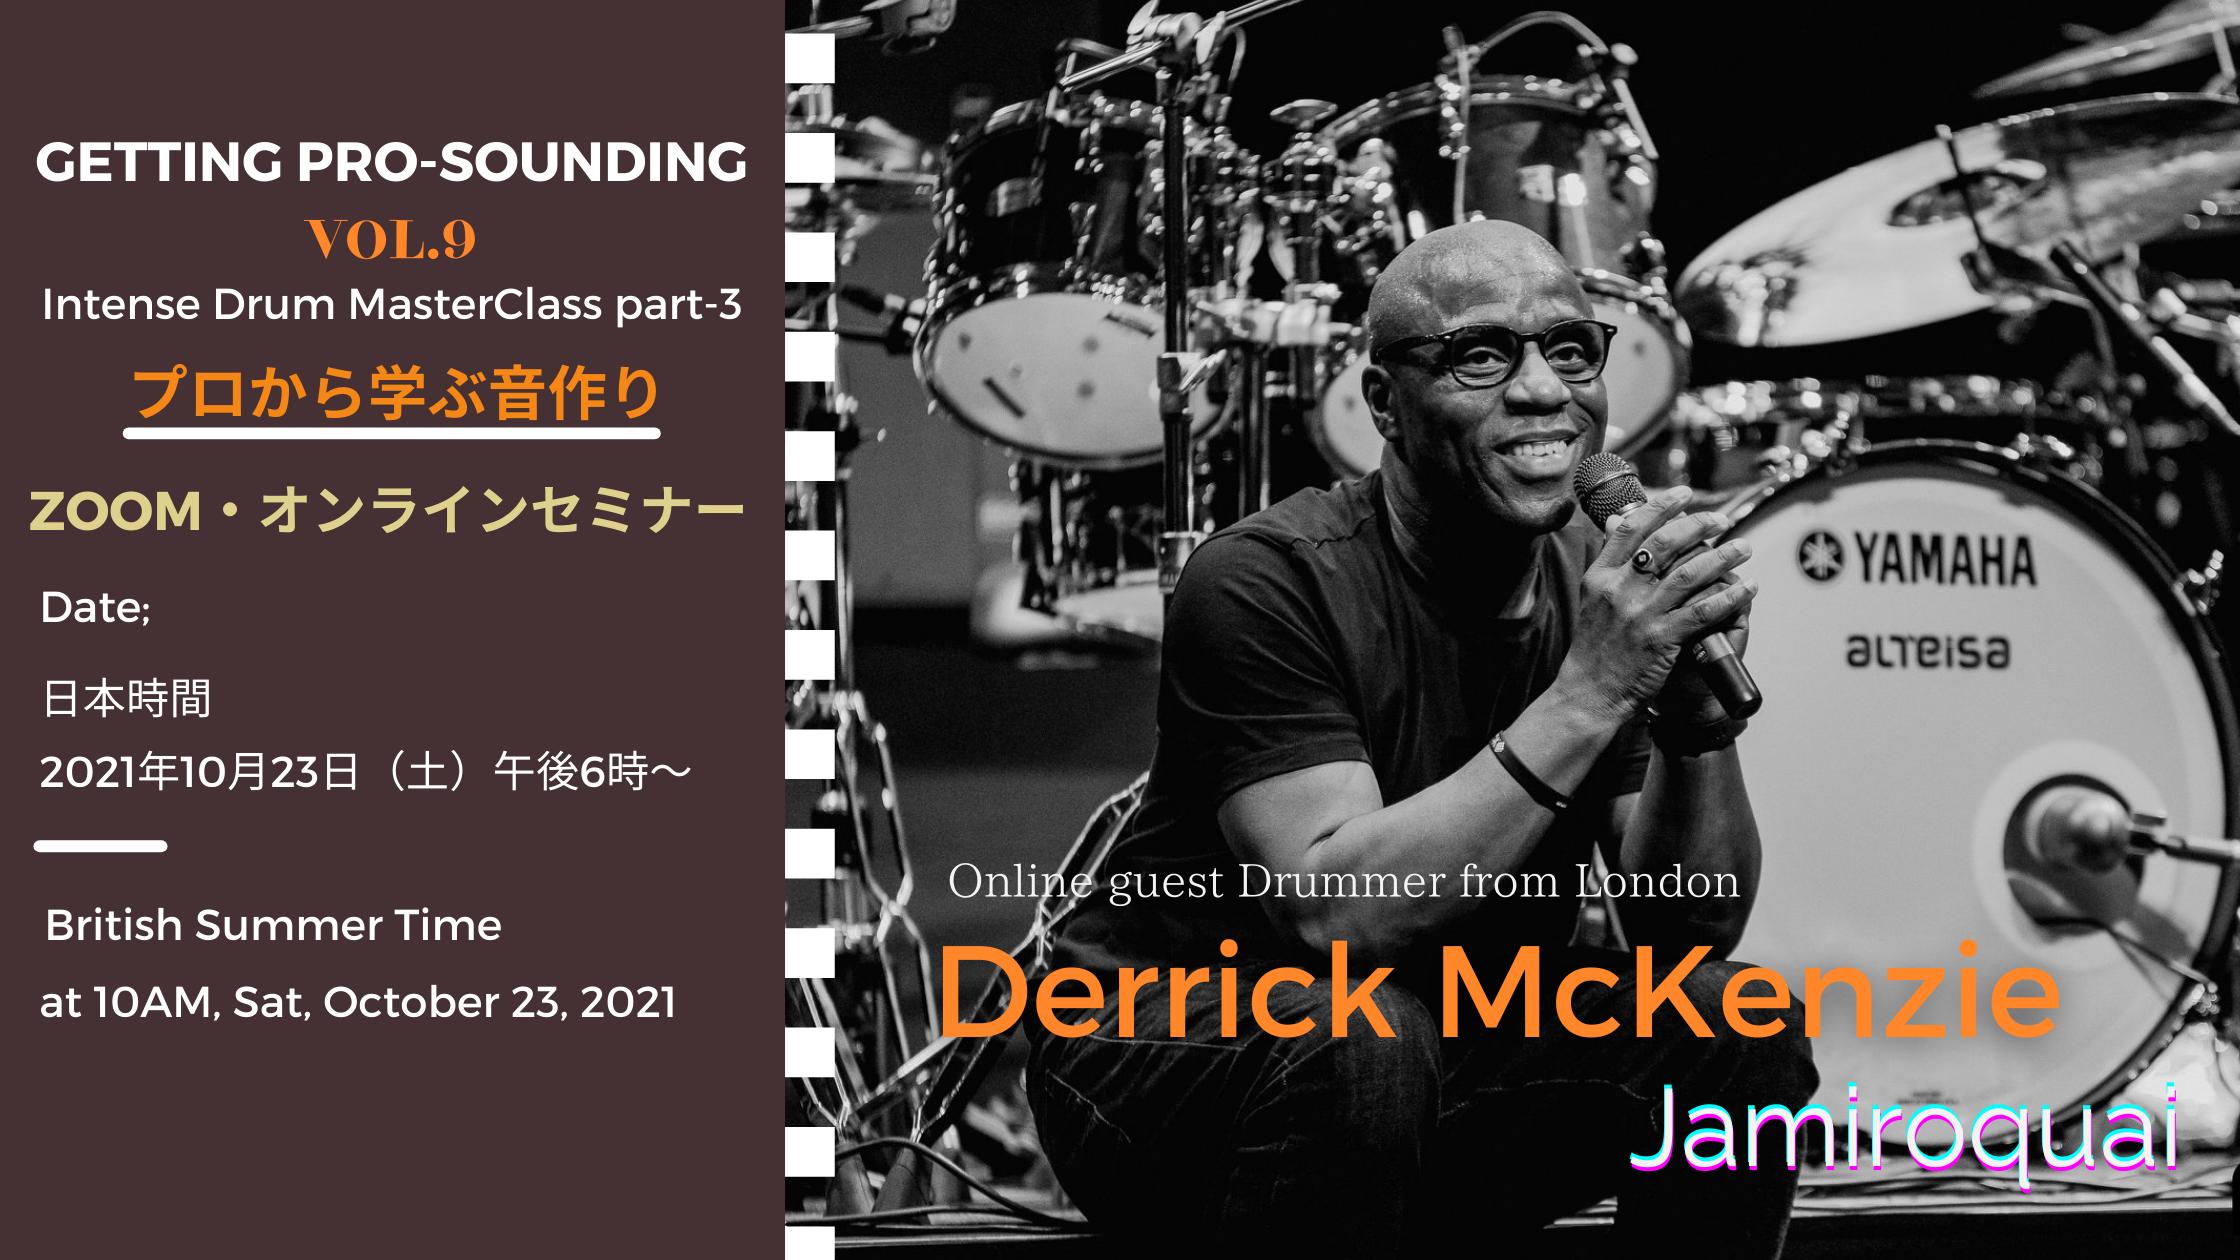 世界のトッププレイヤーから直接学ぶ オンライン音楽講座vol.9 Intense Drum MasterClass 『プロから学ぶ音作り with Derrick McKenzie / Jamiroquai』